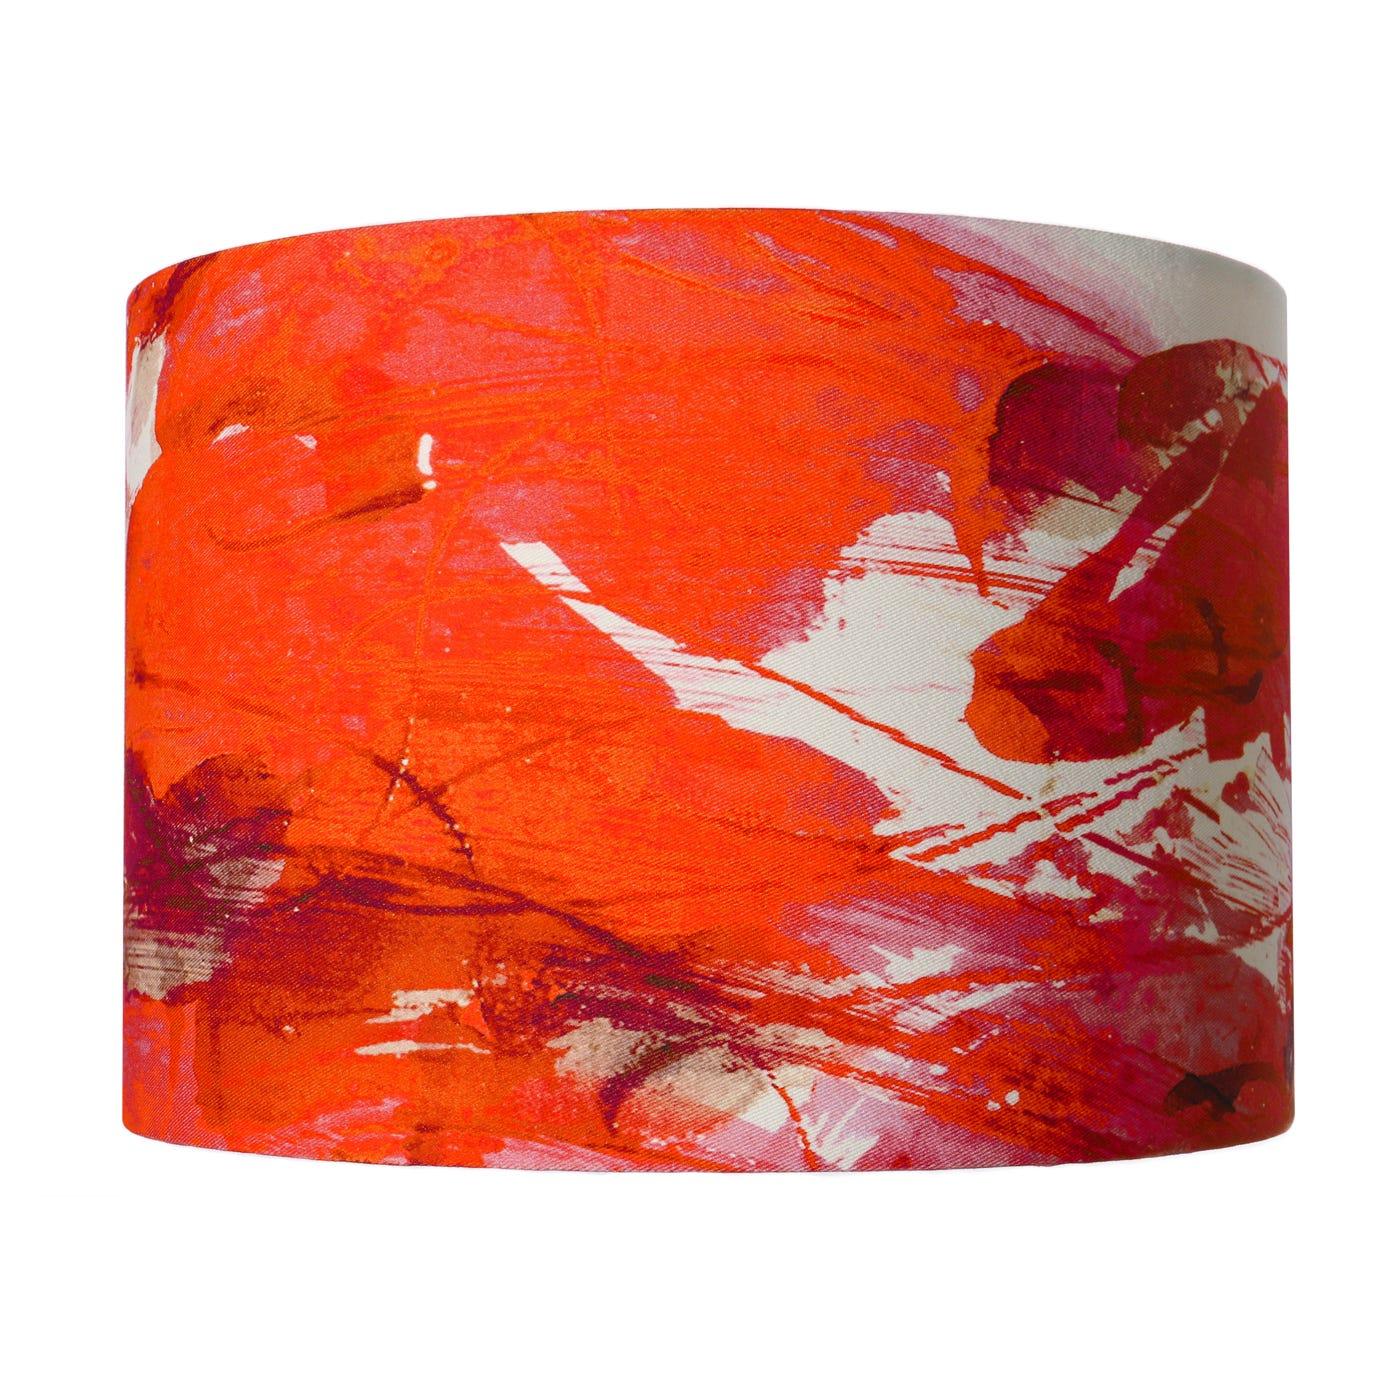 Sedum Detail in Orange Lampshade  - Discontinued